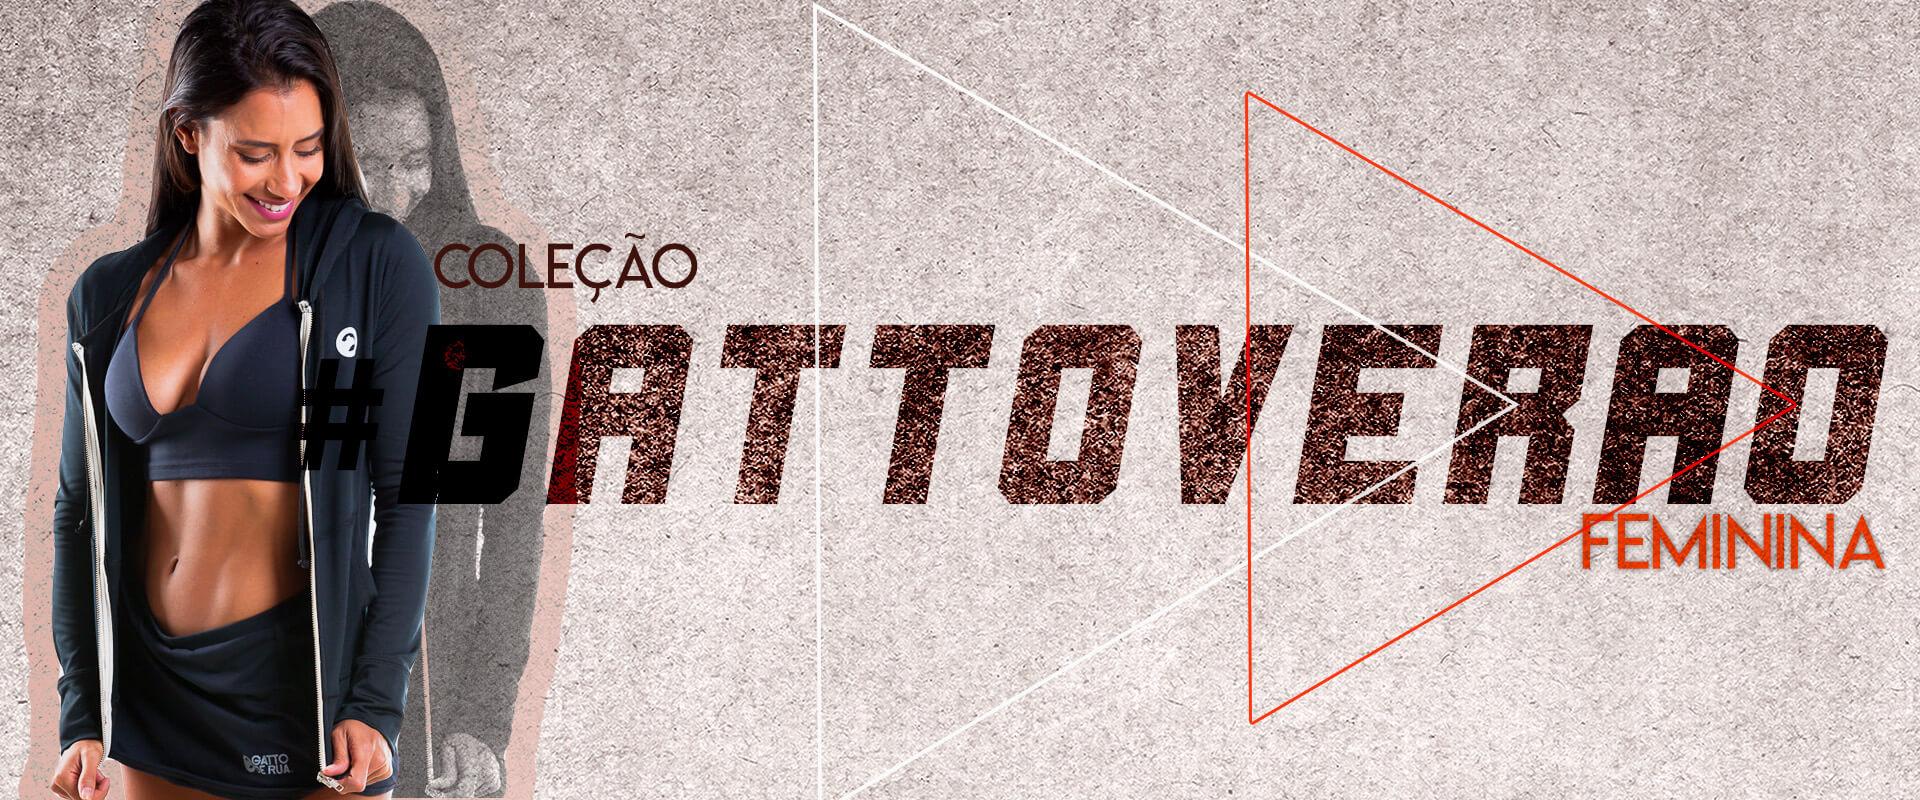 Coleção Feminina Gatto de Rua